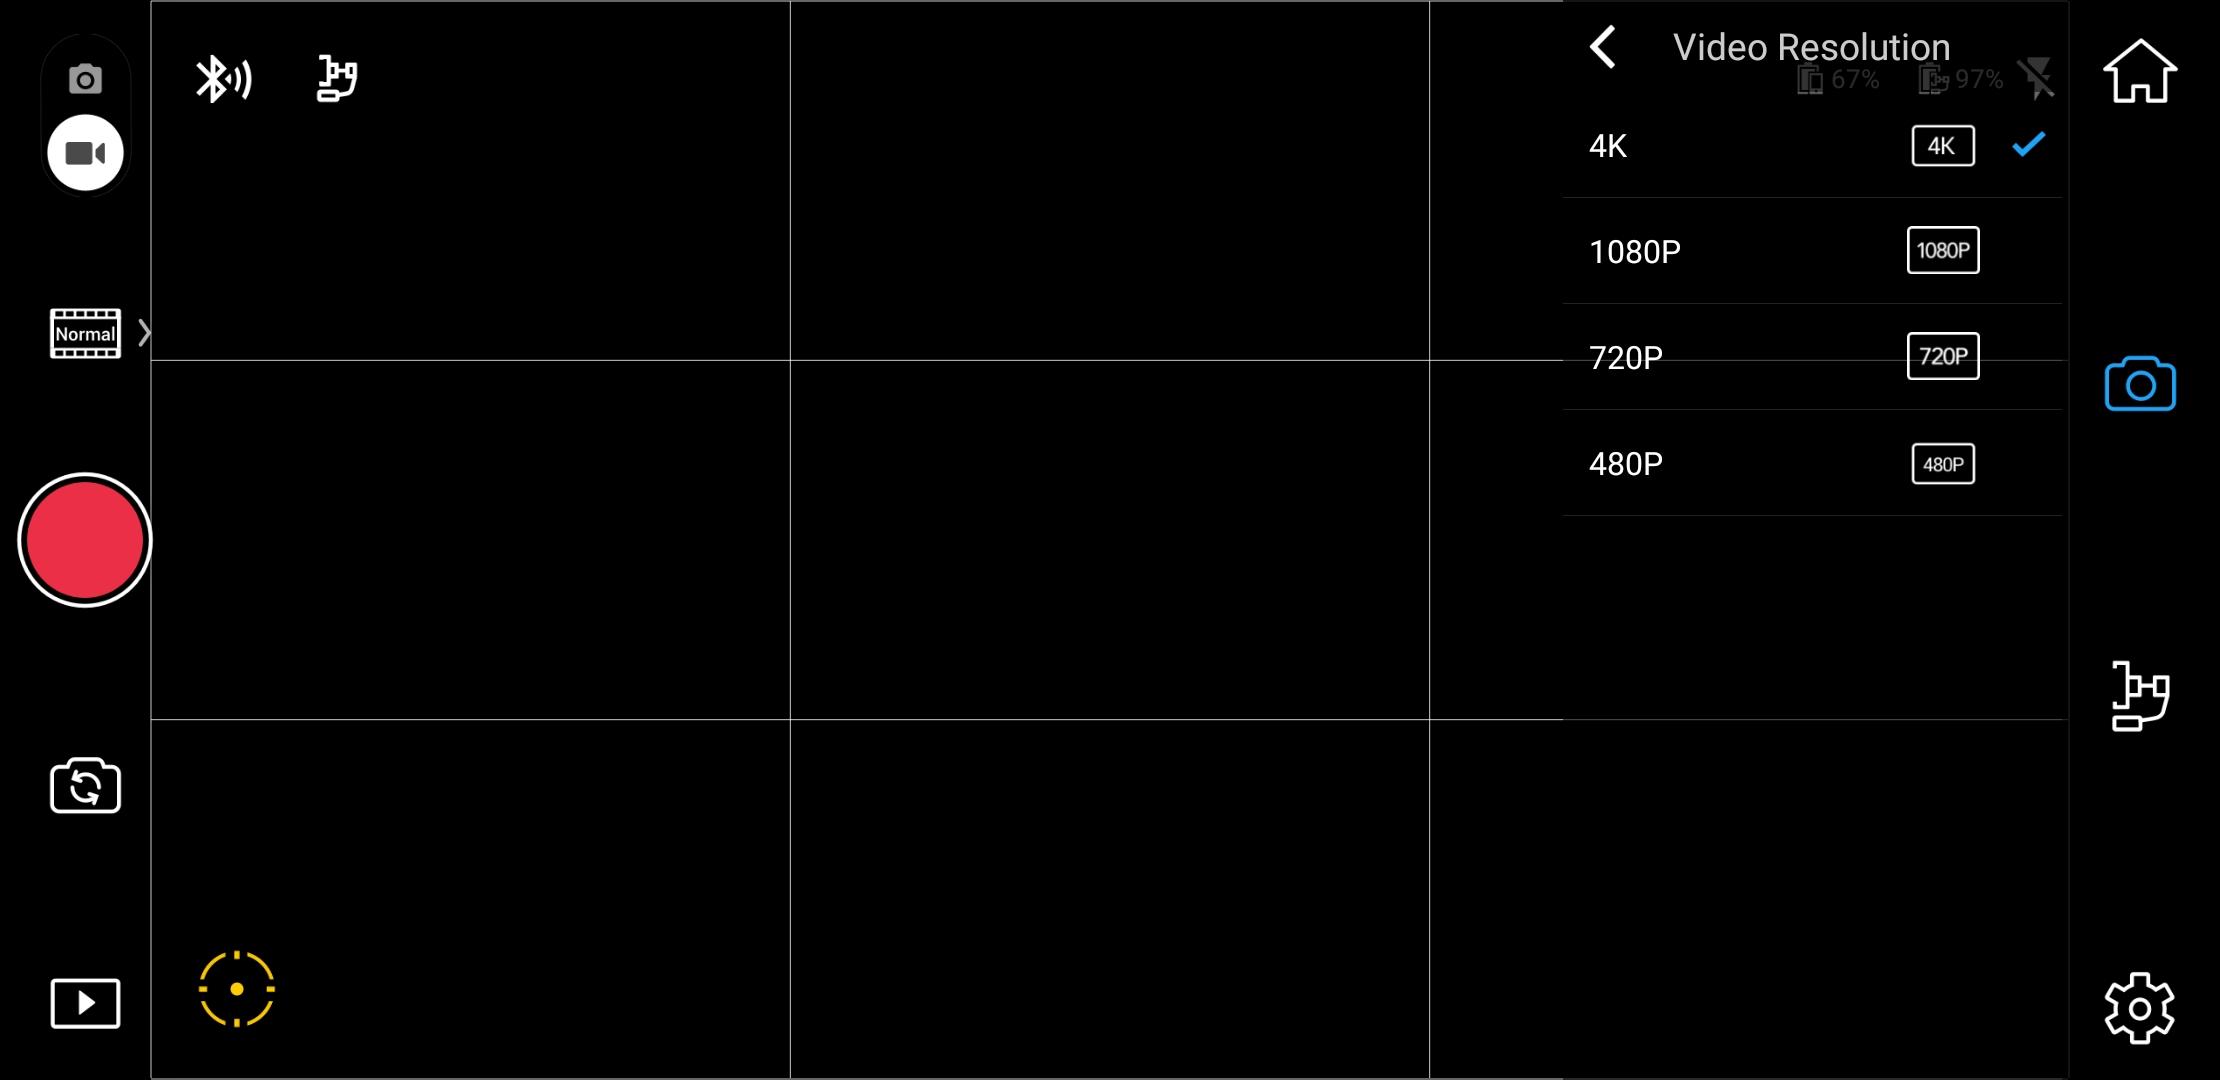 Screenshot_20180815-170123_DJI GO.jpg